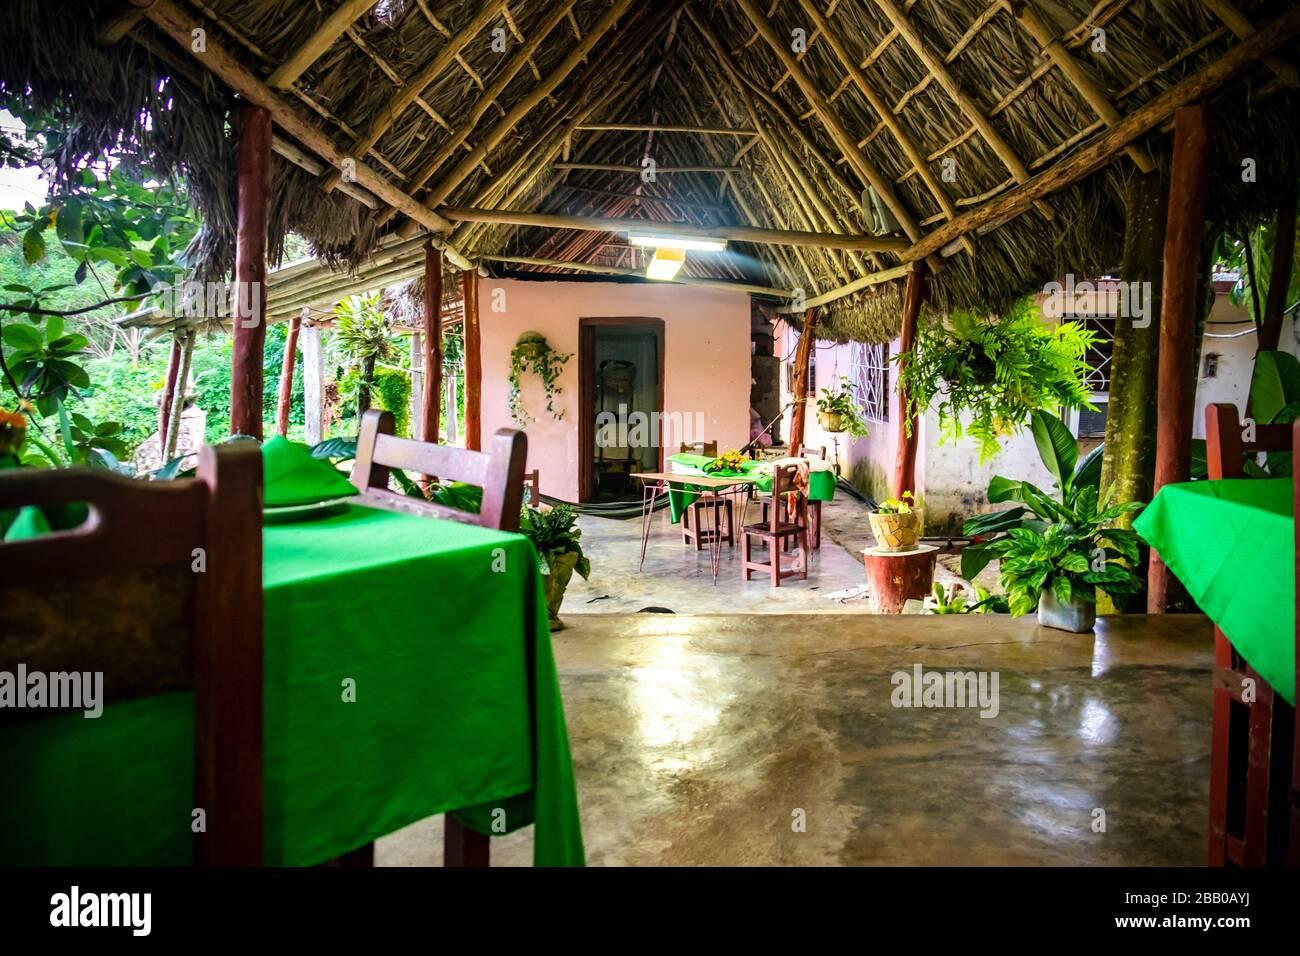 Restaurante en la República de Cuba, Caribe, Centroamérica. Foto de stock